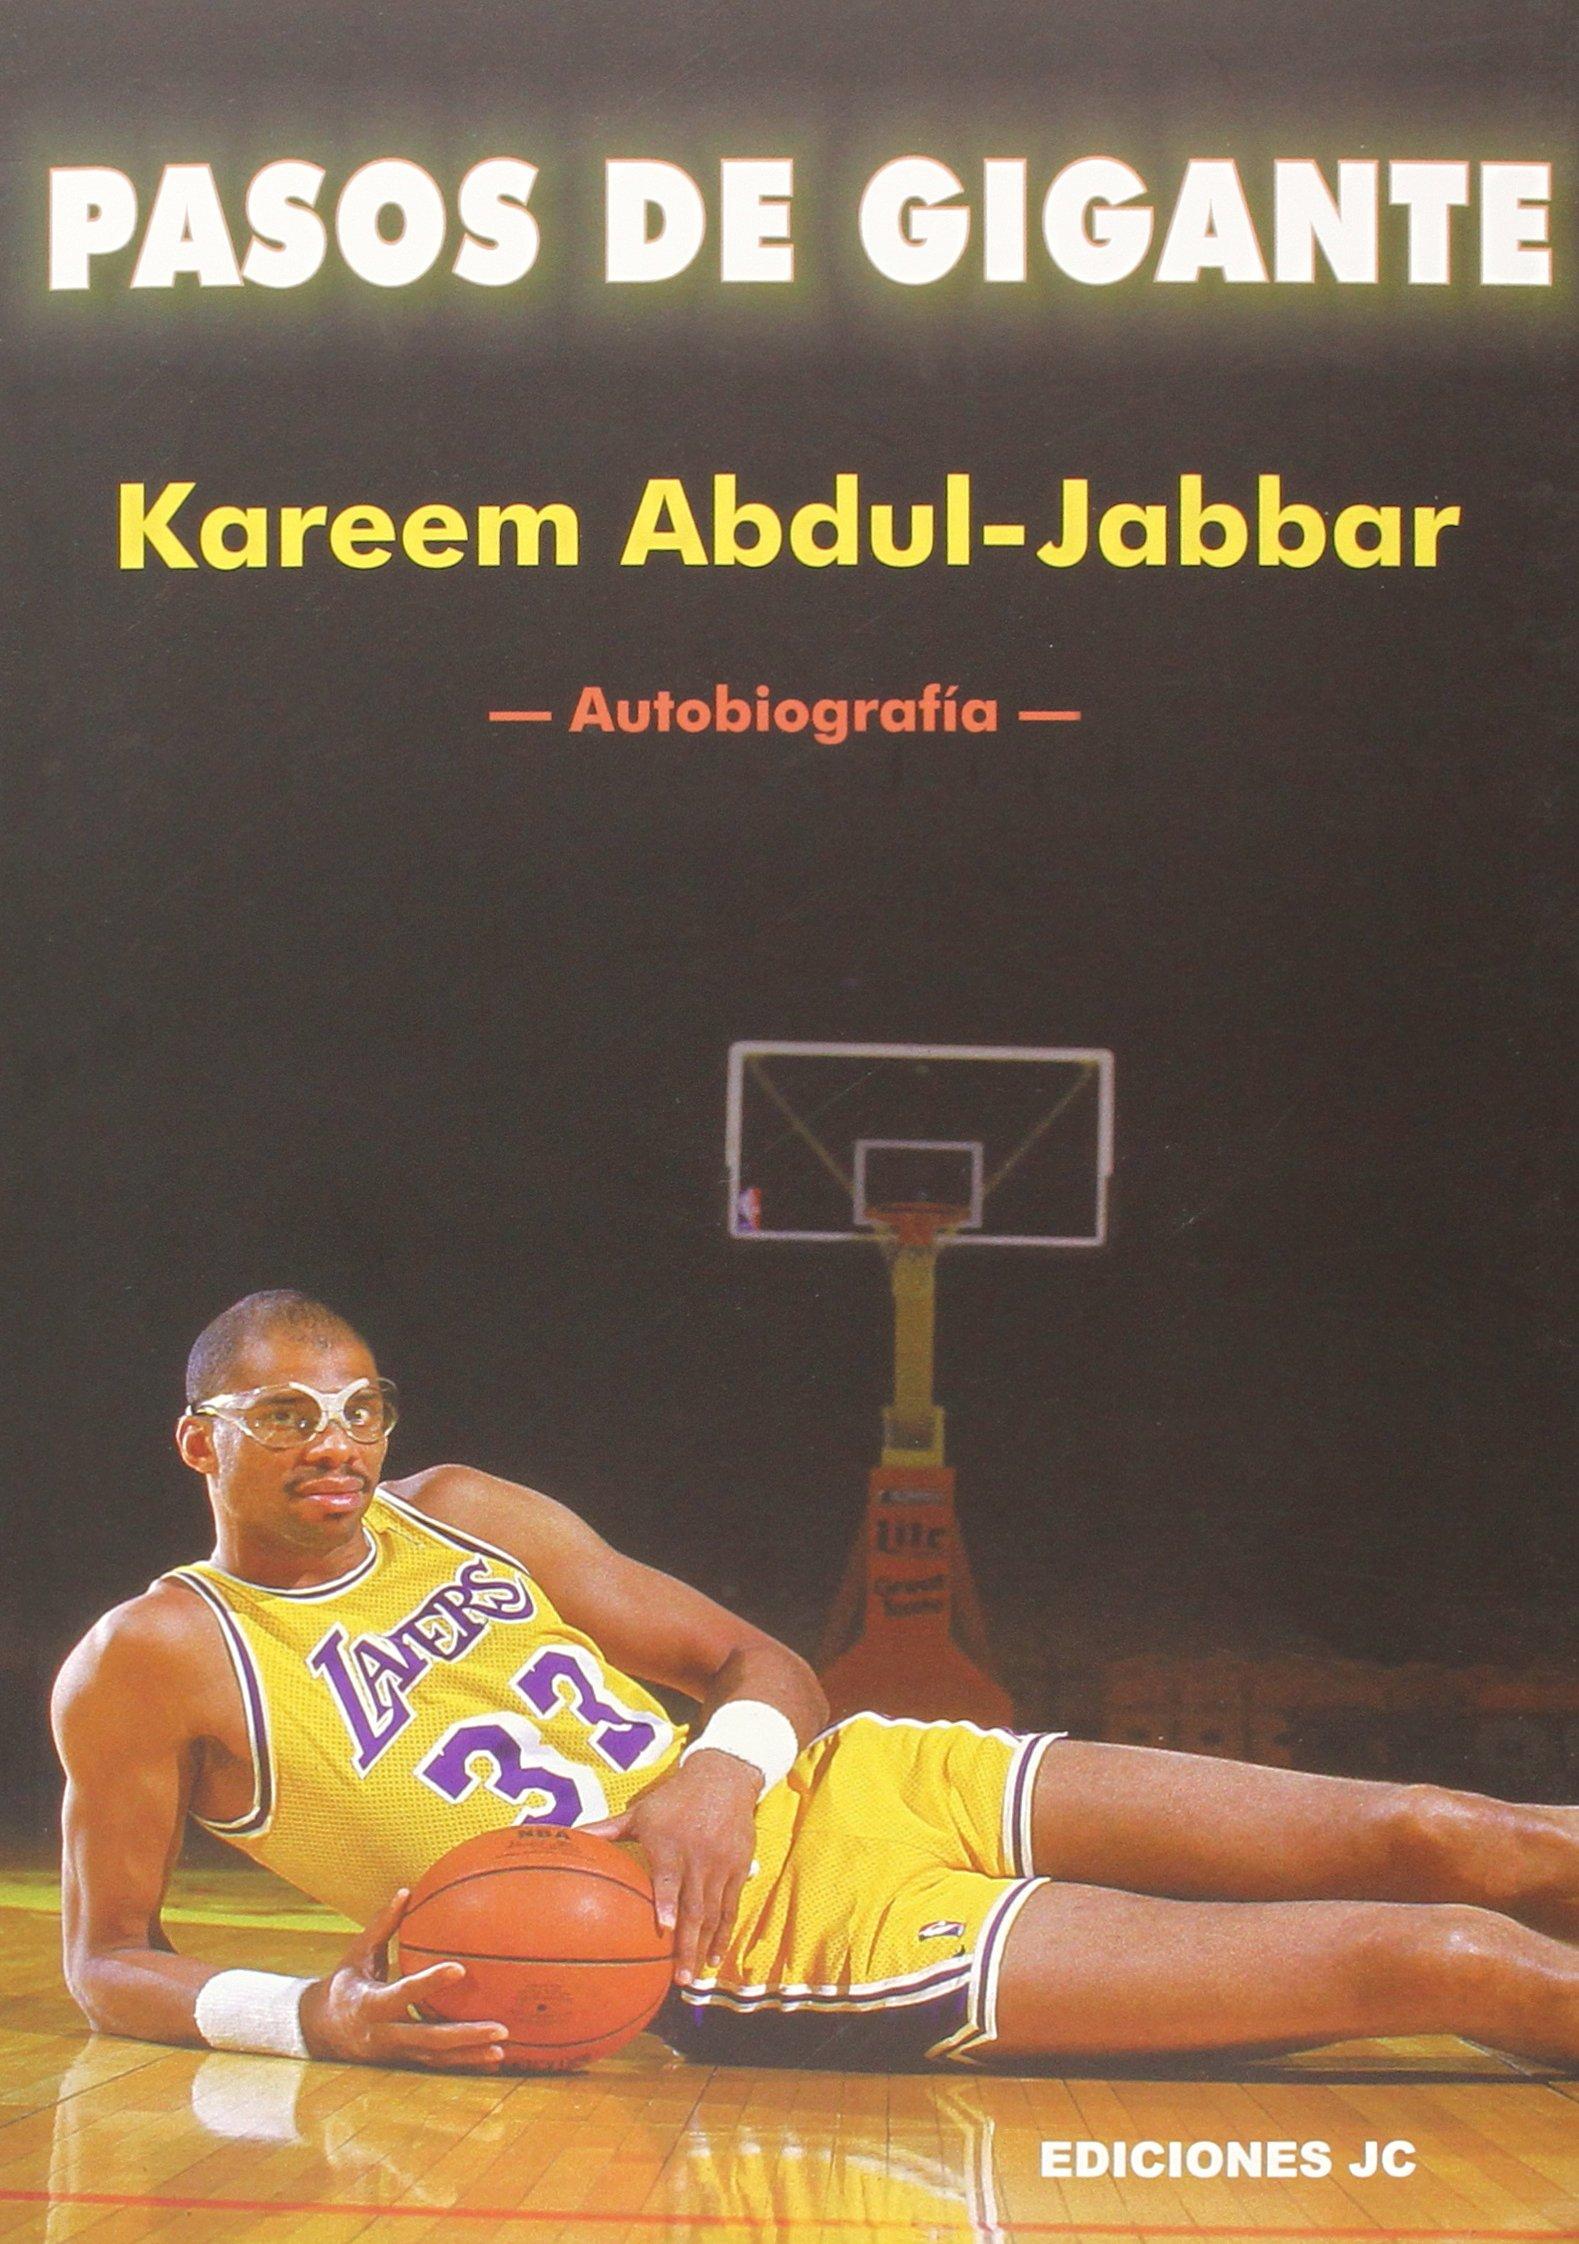 Pasos de gigante. Autobiografía (Baloncesto para leer) Tapa blanda – 9 mar 2015 Kareem Abdul-Jabbar Peter Knobler Vicente Llamas Ediciones JC